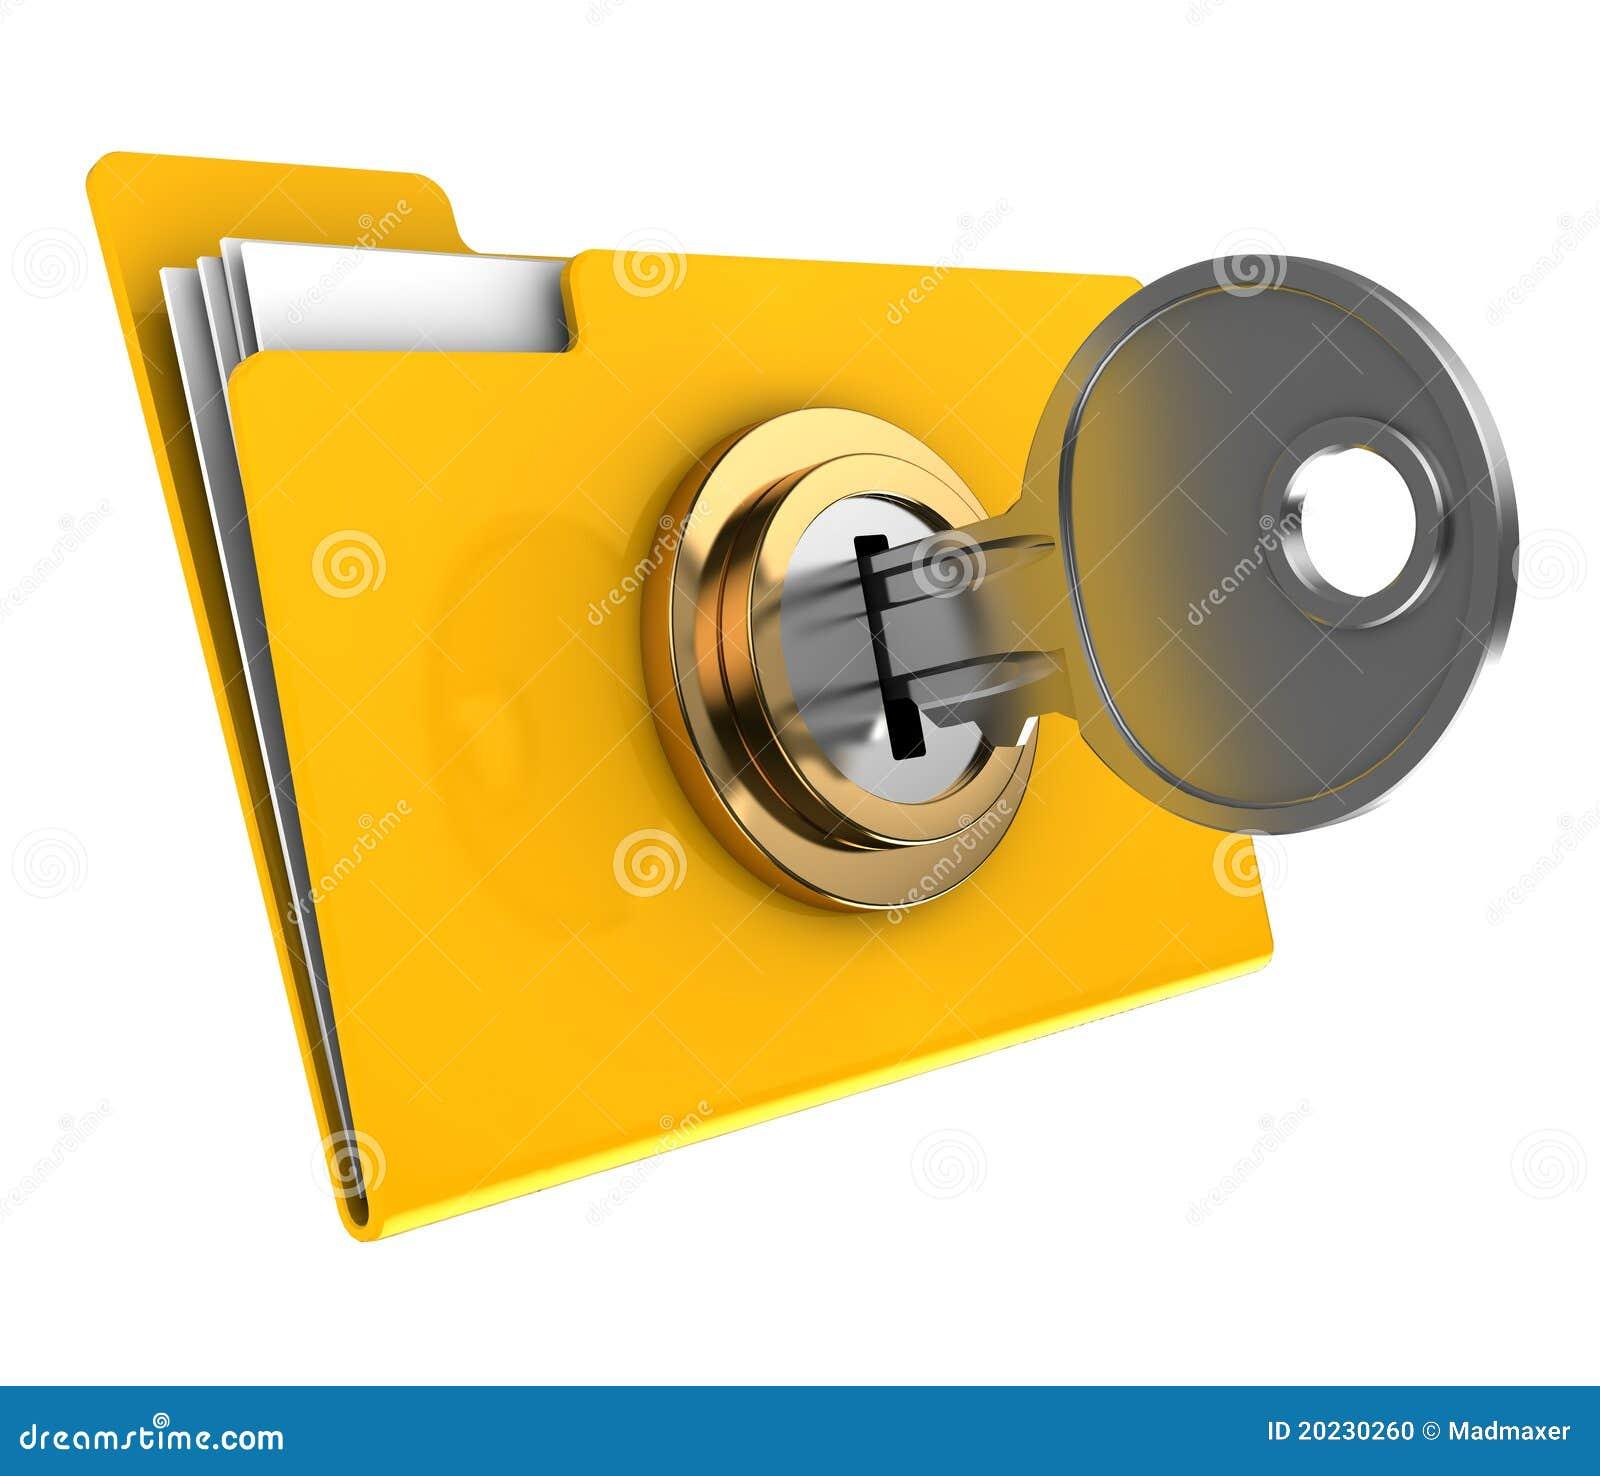 Locked Folder Stock Photo - Image: 20230260